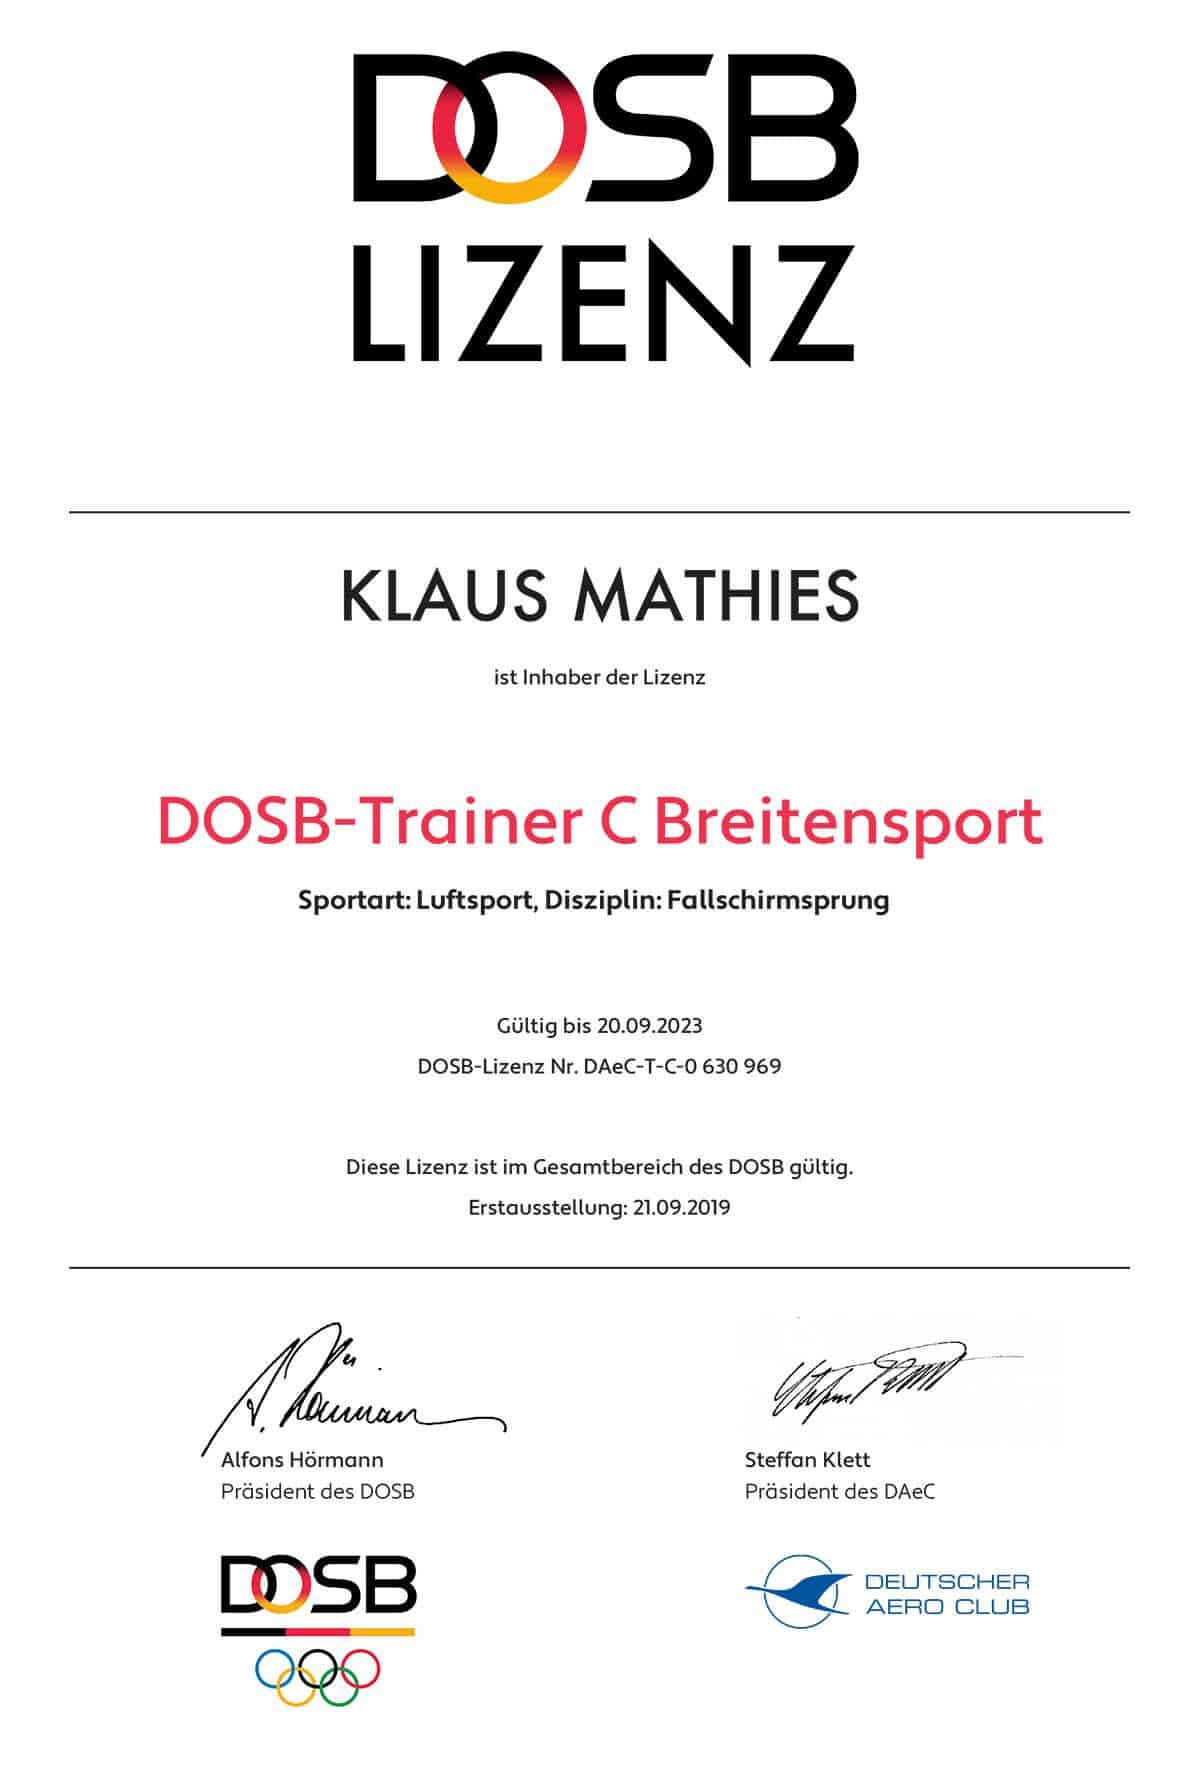 DOSB Trainer C Breitensport für Klaus Mathies